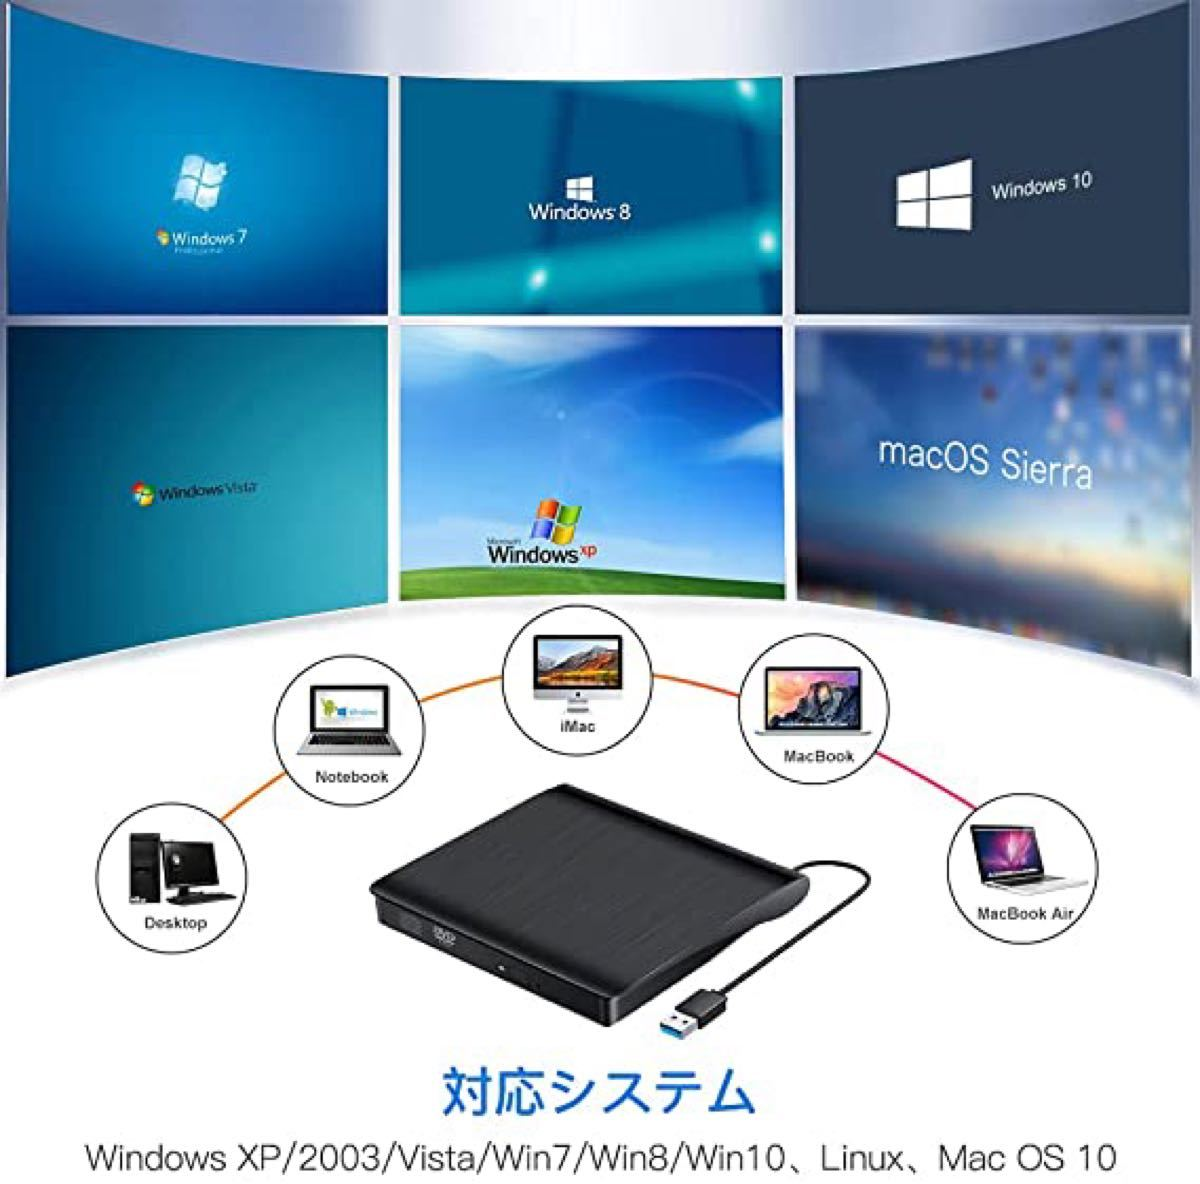 外付けDVDドライブ DVDプレイヤー ポータブル USB3.0 CD-RW DVD USB Window DVD±RW 薄型